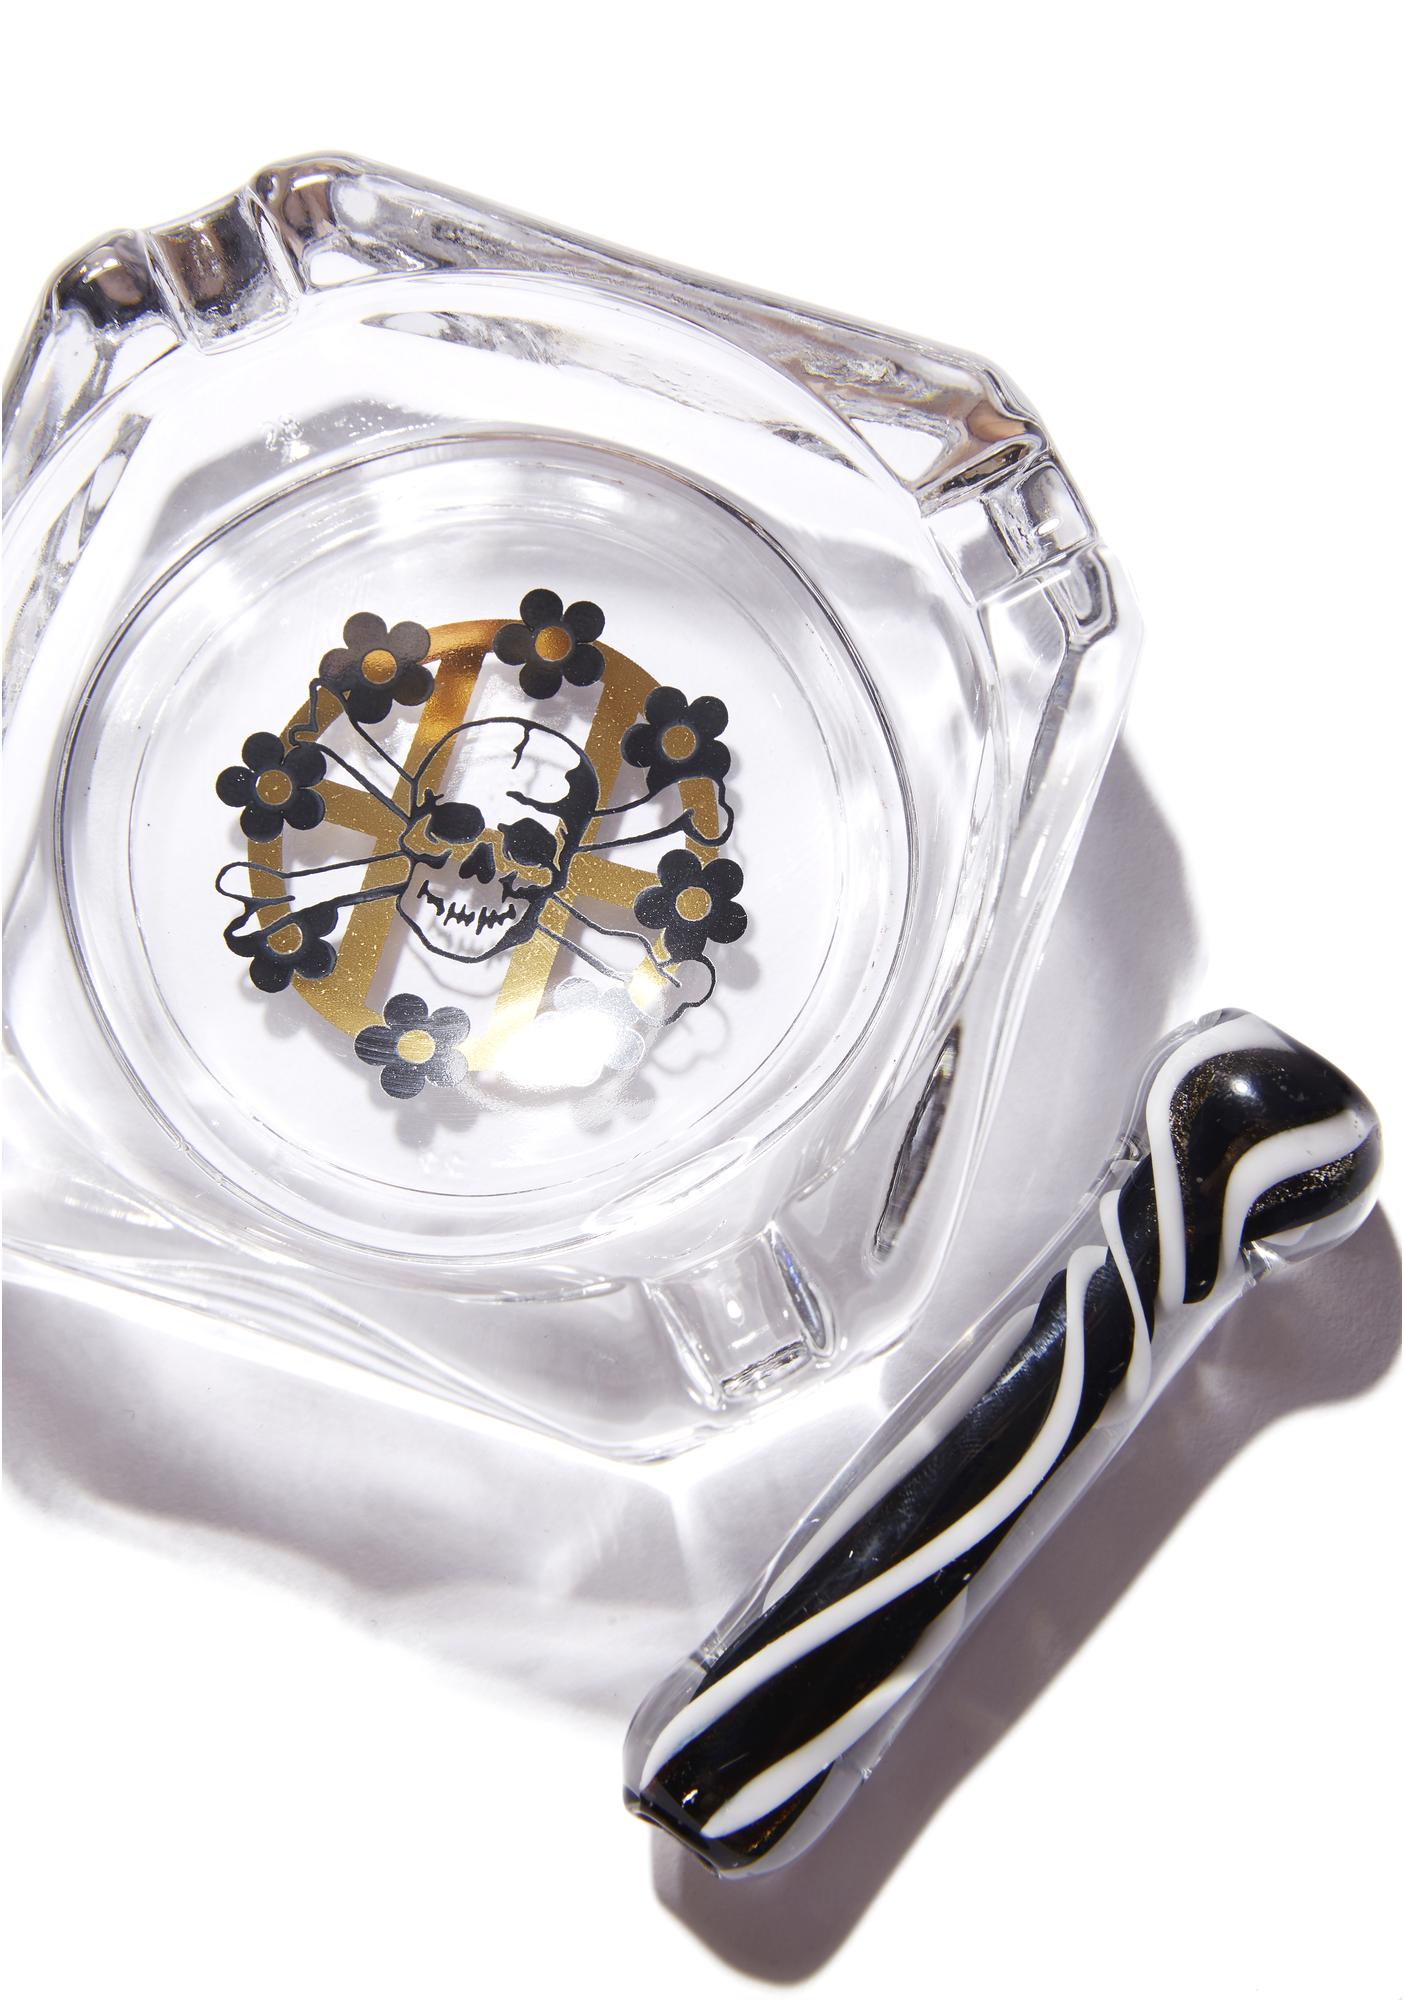 HUF Glass Ashtray